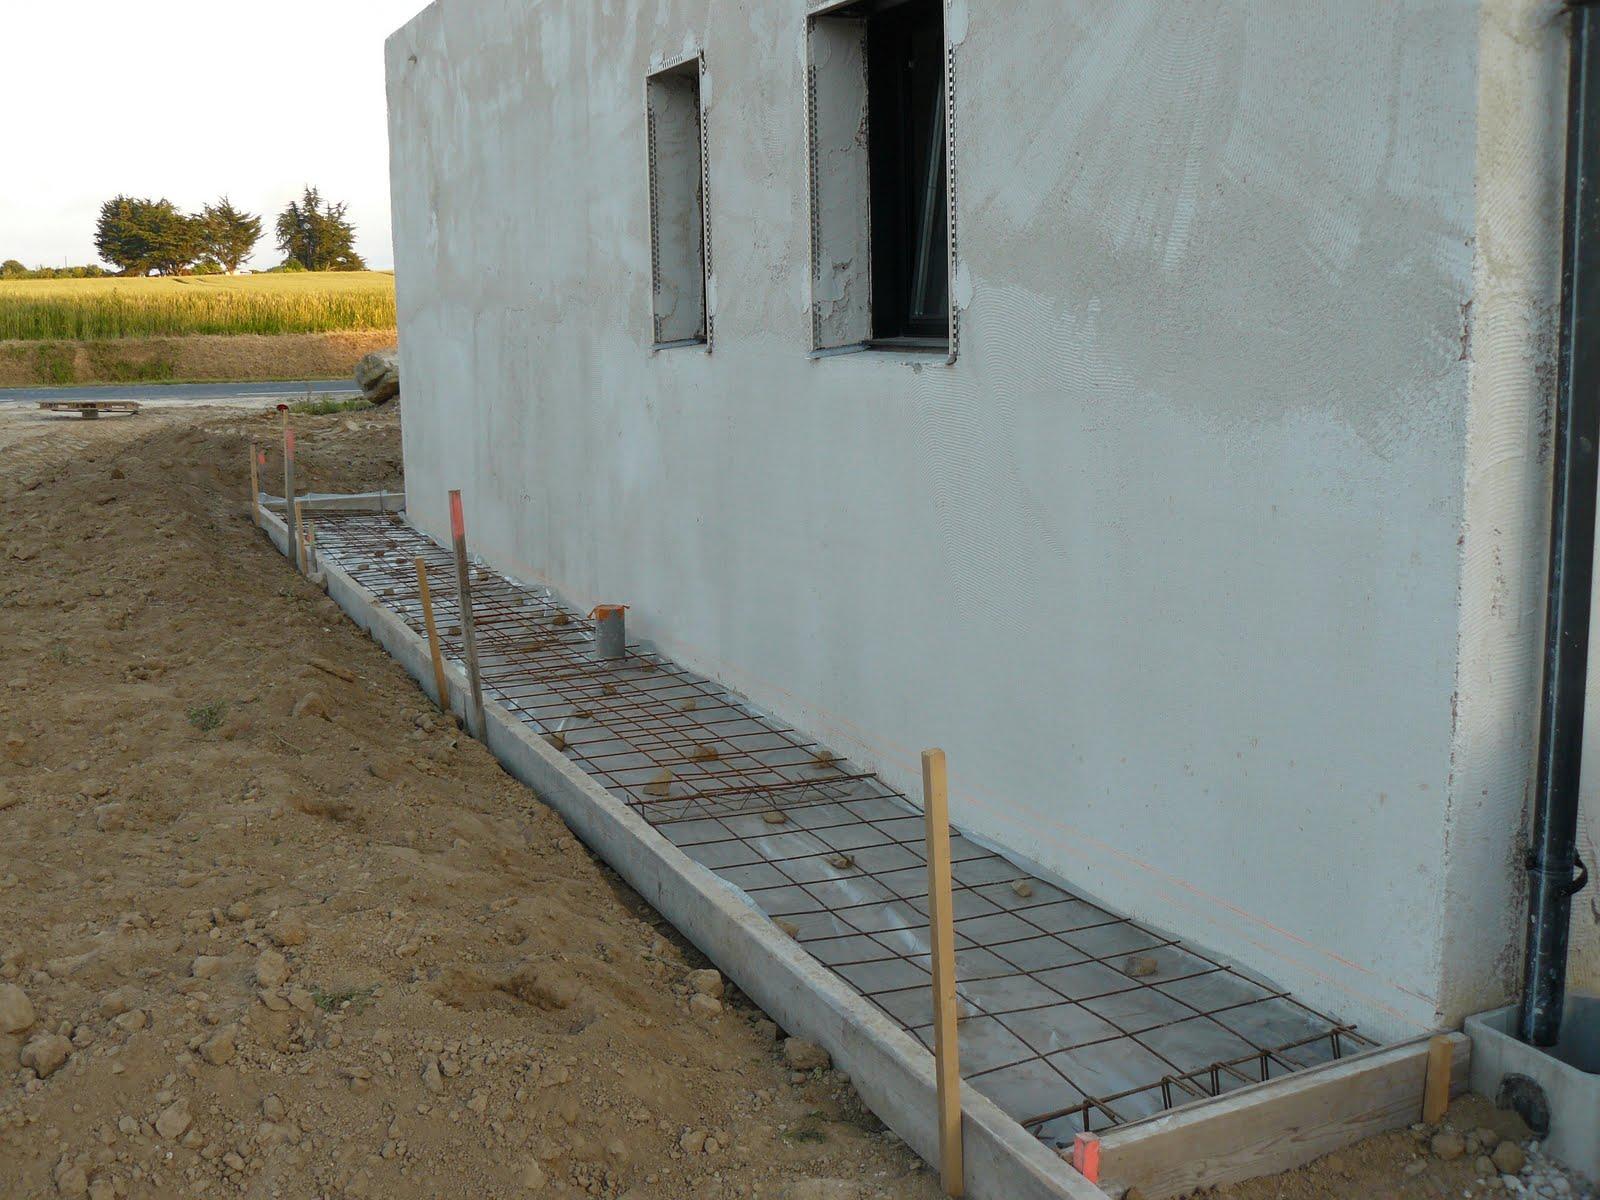 construction de notre maison ferraillage de la terrasse. Black Bedroom Furniture Sets. Home Design Ideas